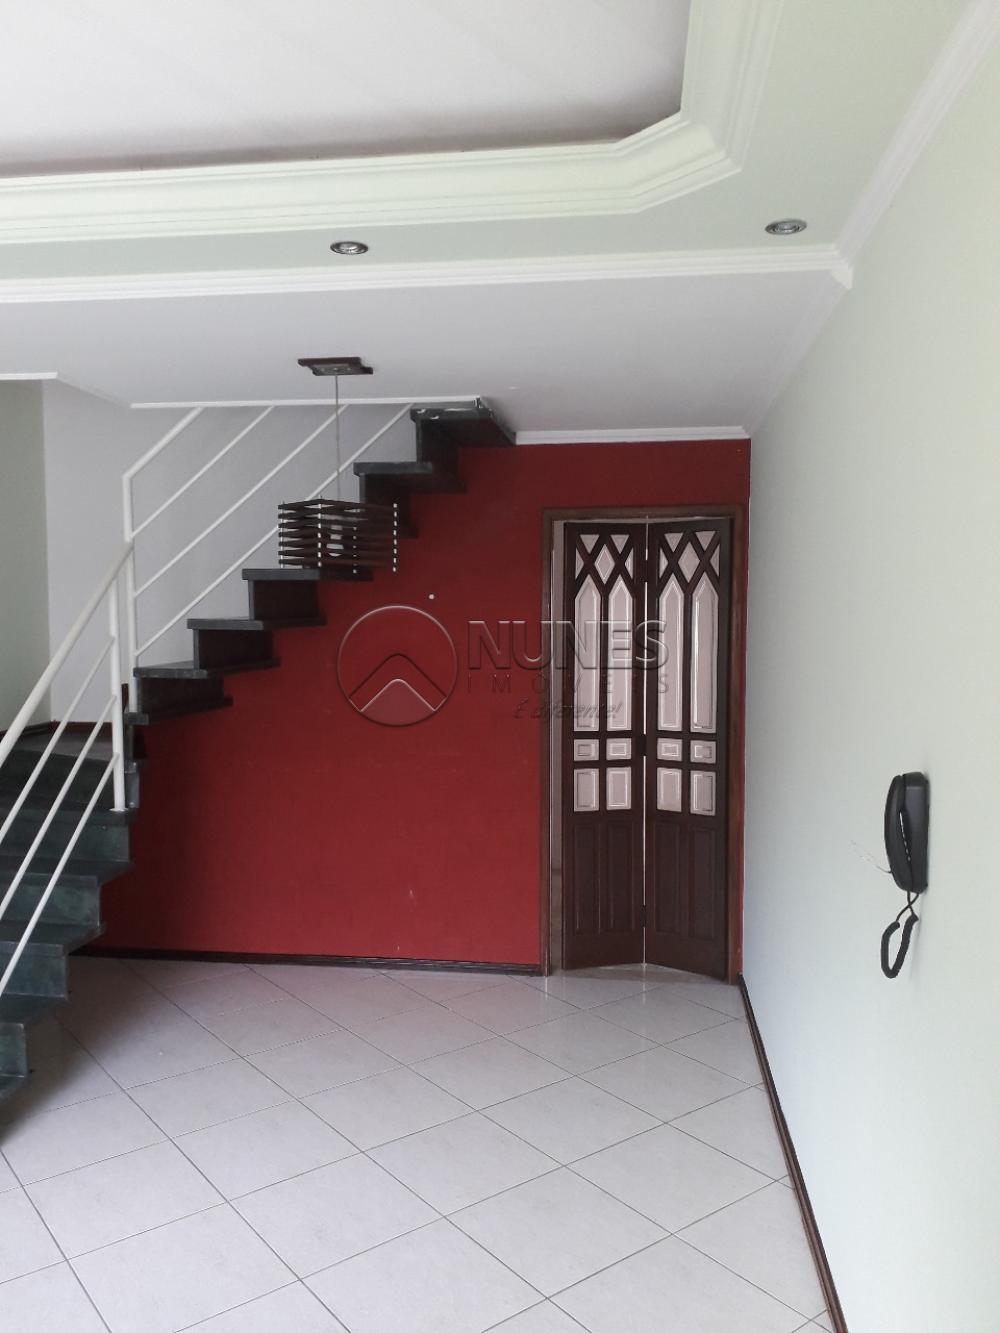 Alugar Casa / Sobrado em Condominio em São Paulo apenas R$ 1.000,00 - Foto 4